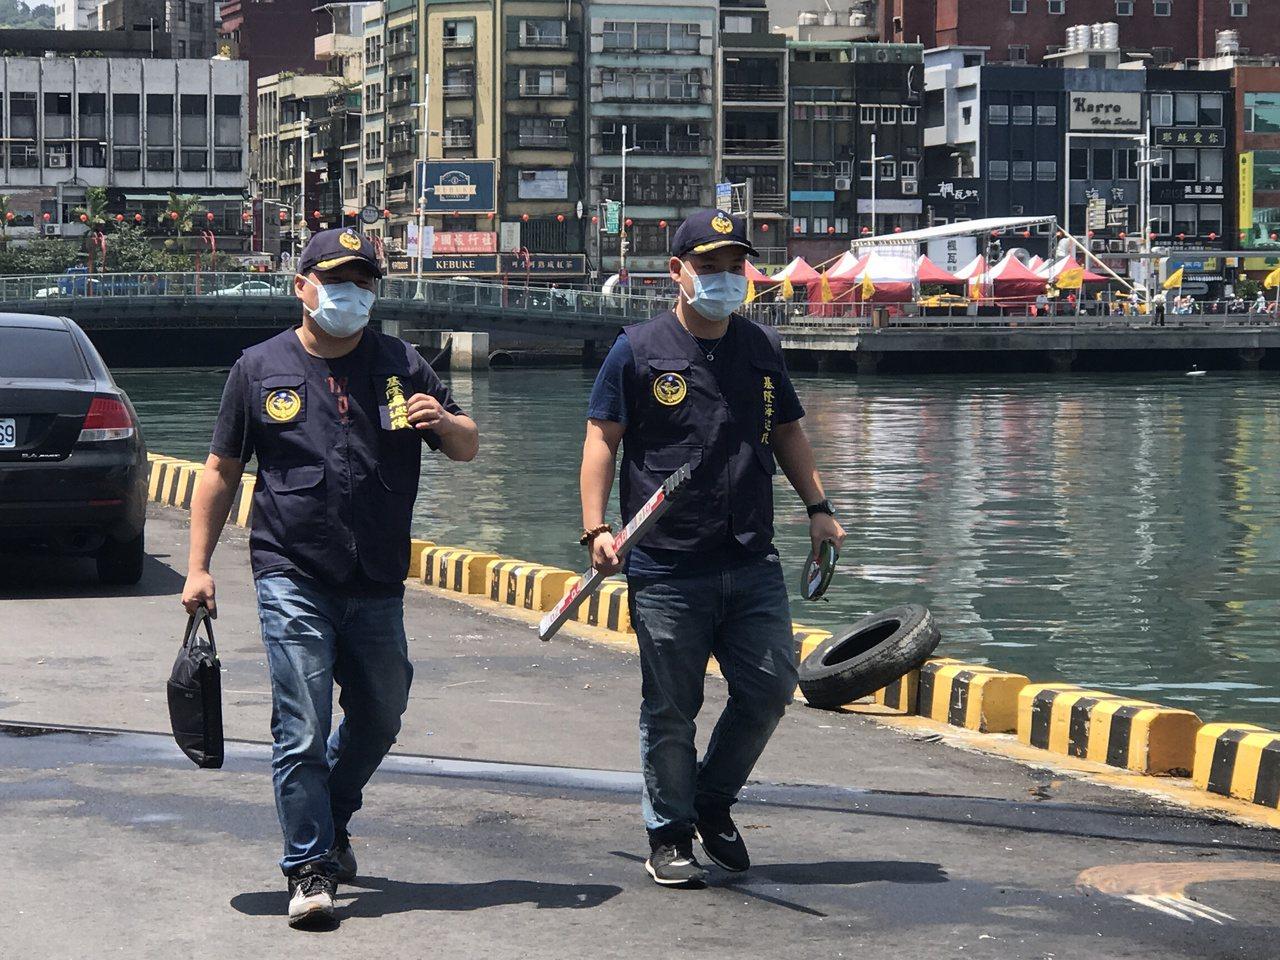 公主遊輪將墜海死亡的王女安置在醫務室冰庫,今早和船一起返回基隆港,海巡人員正上船...